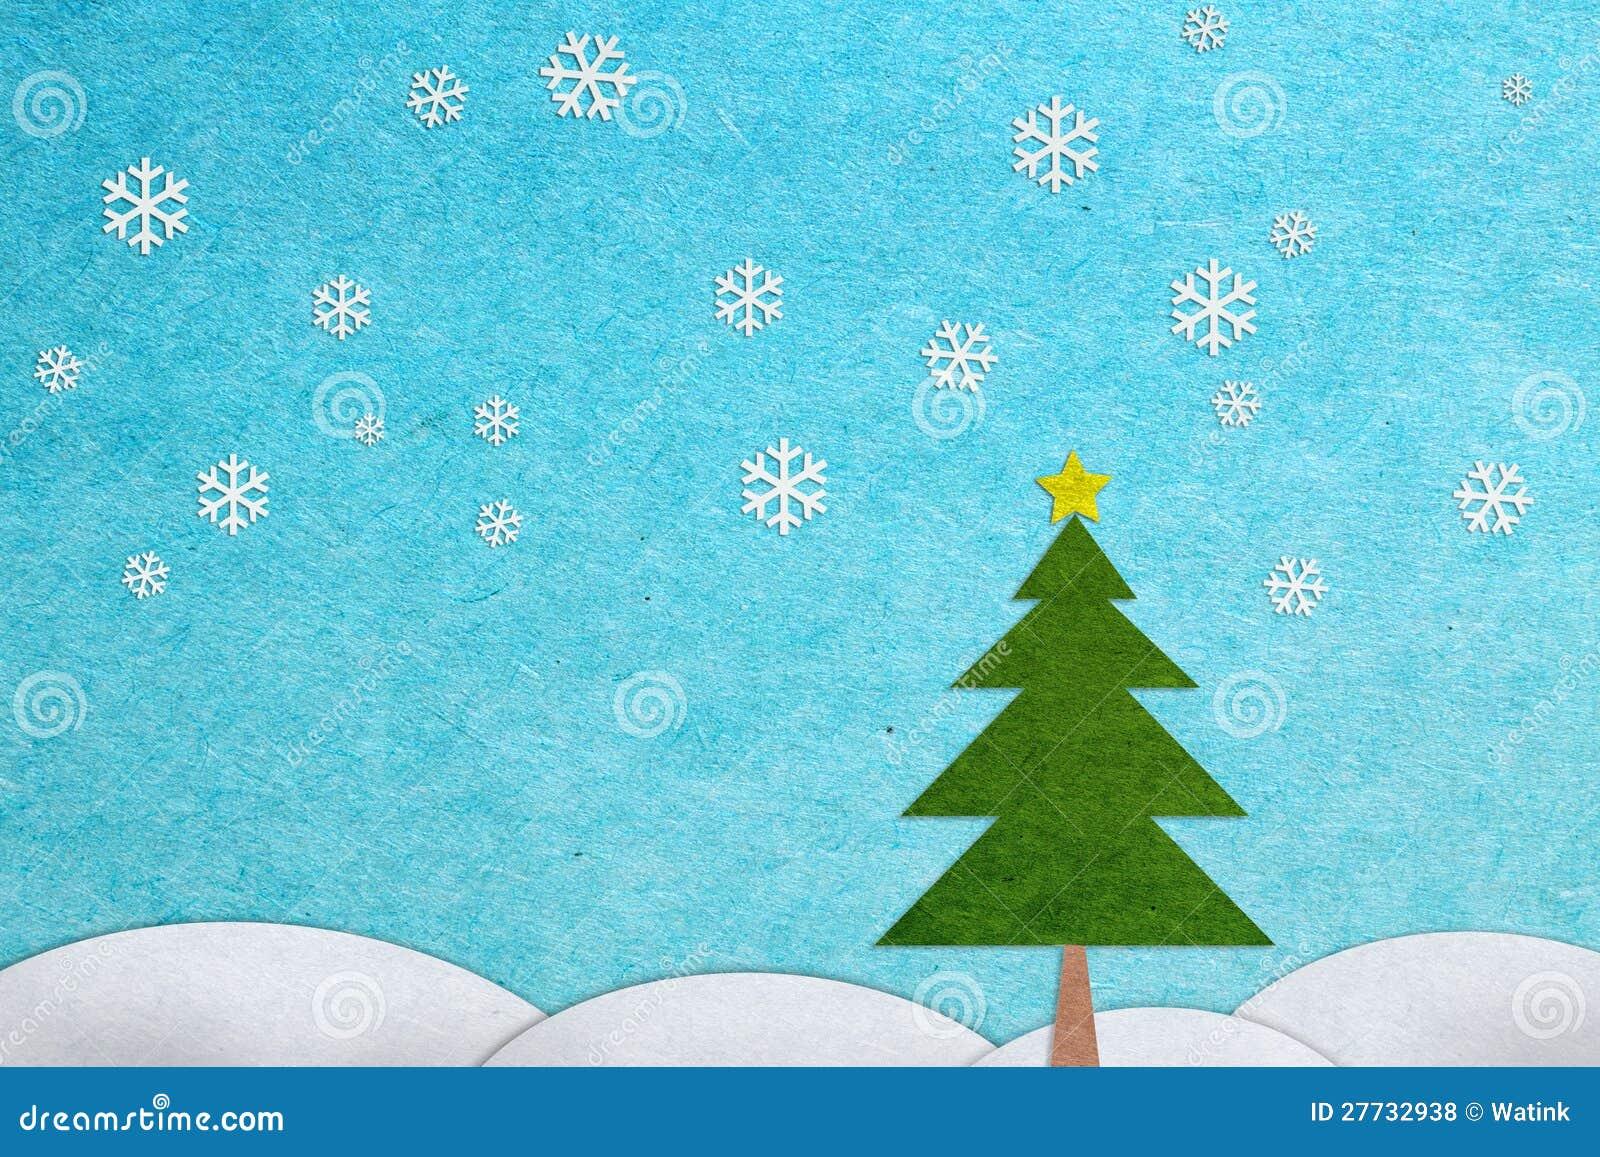 Papierfertigkeit-Weihnachtsgrußkarte